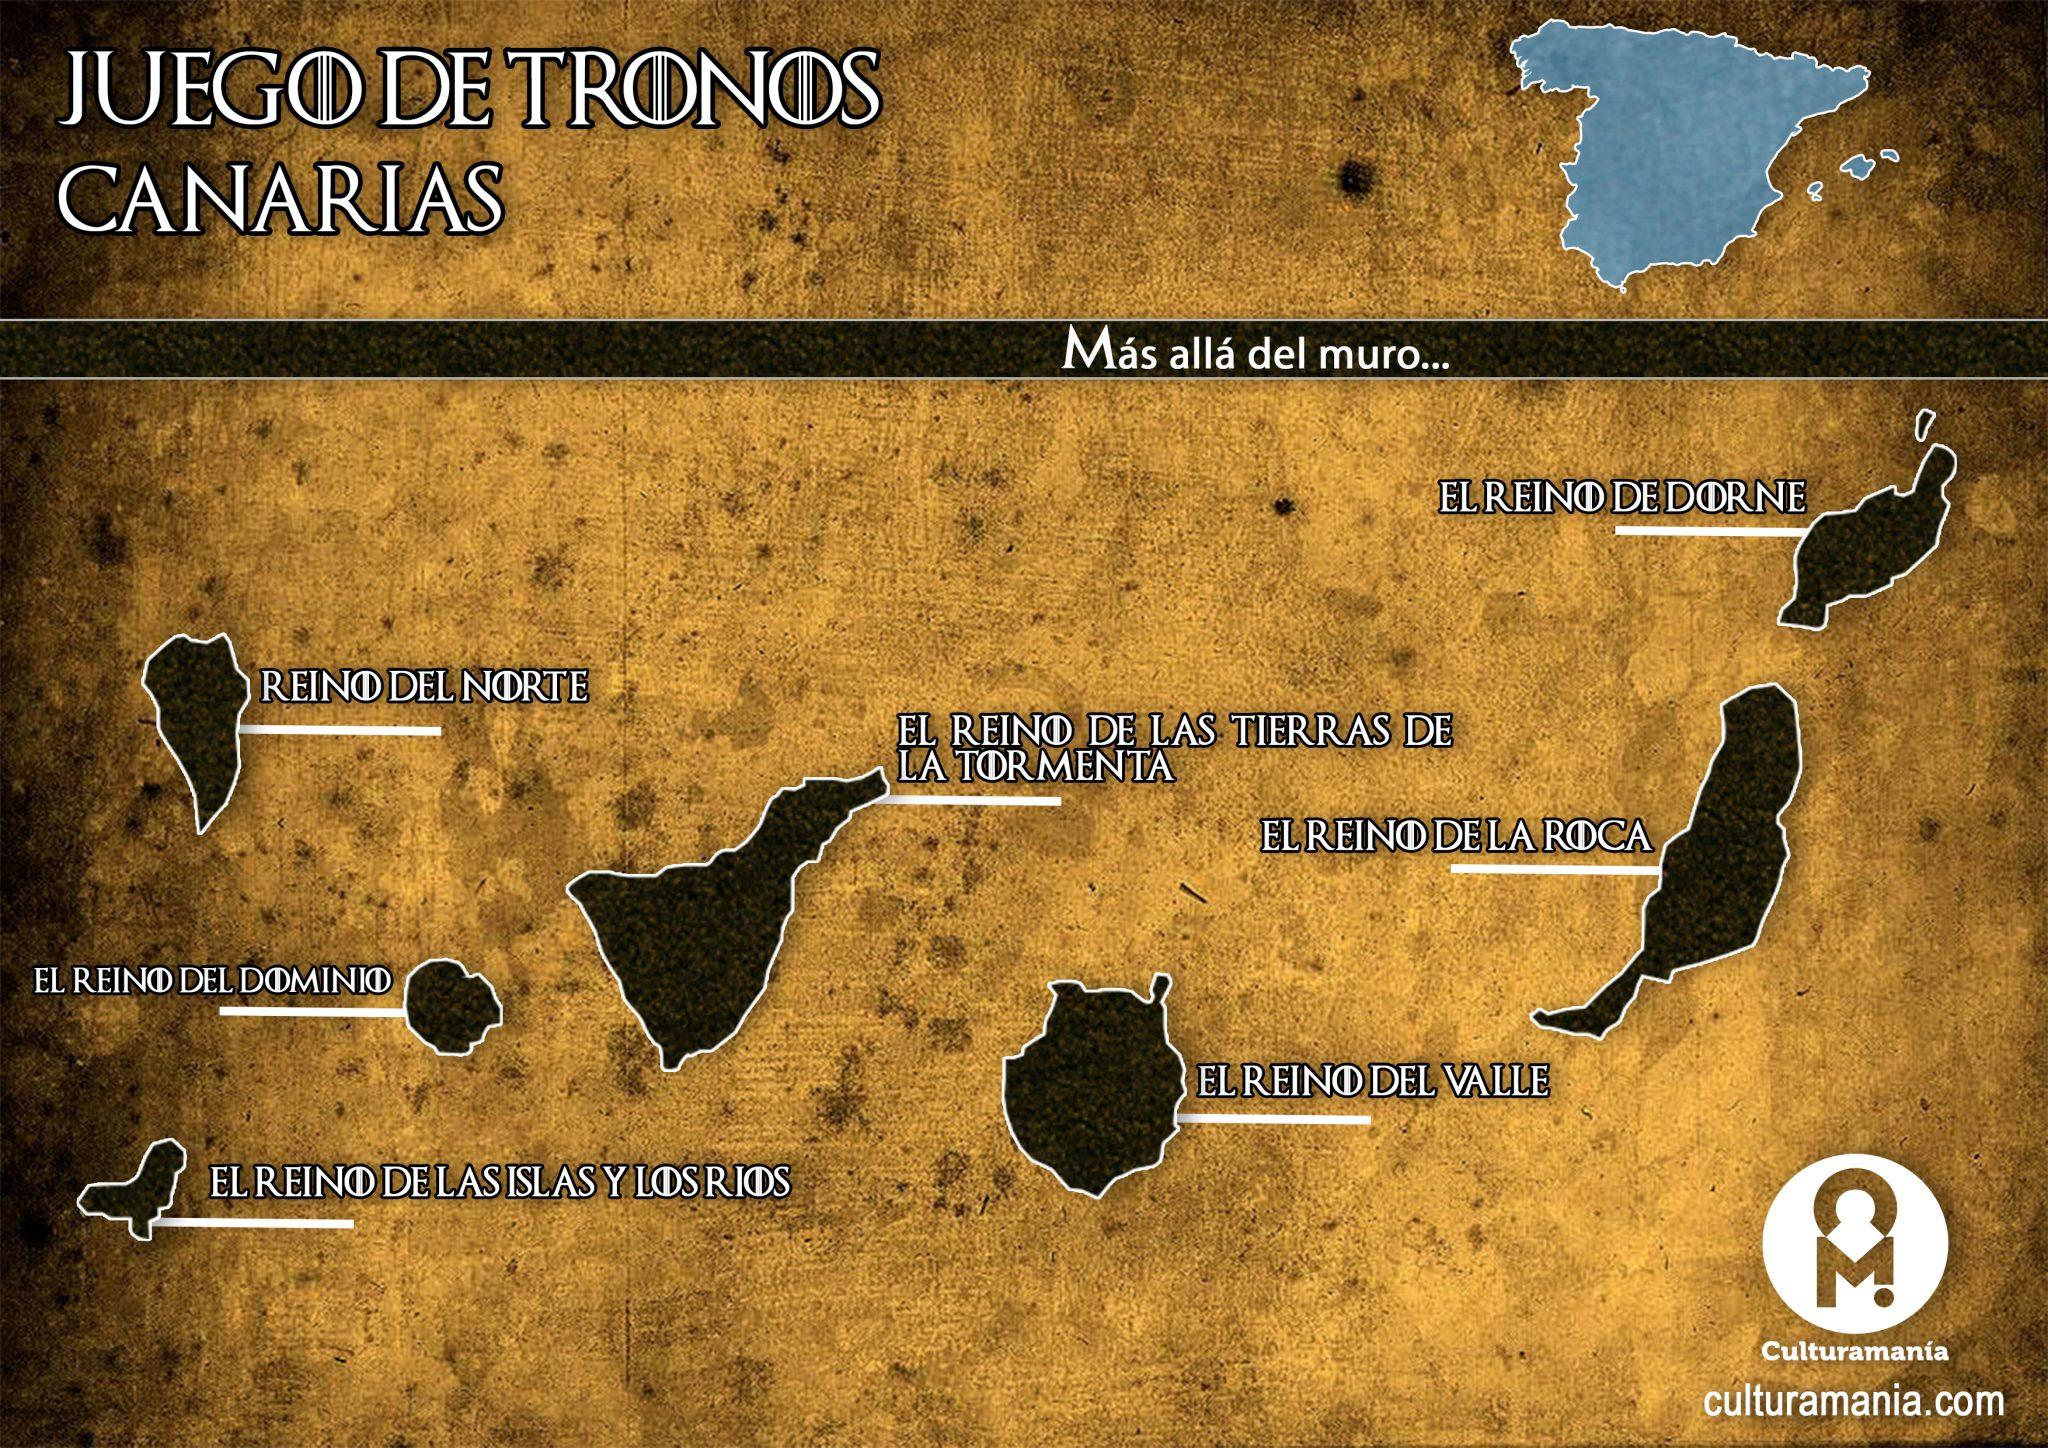 Juego De Tronos Canarias Culturamanía